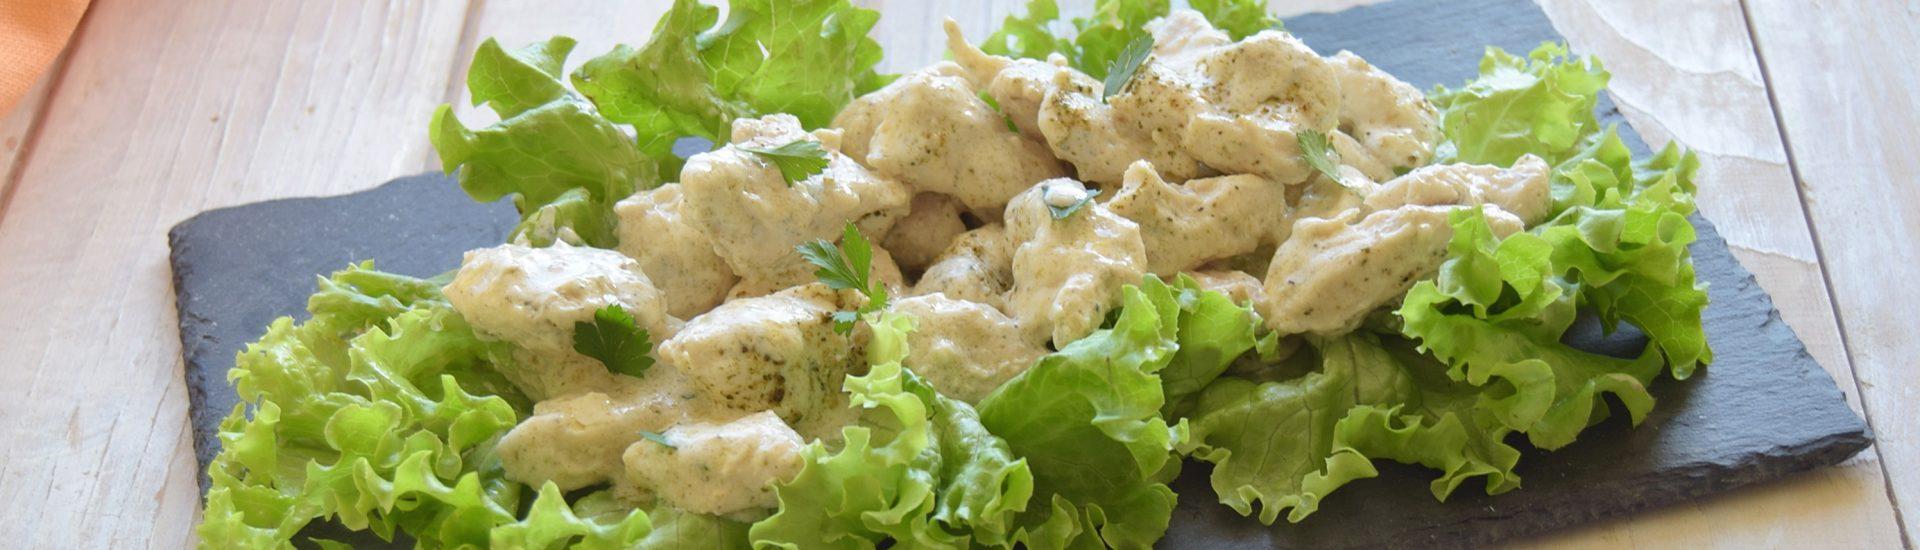 Bocconcini di pollo al pepe verde